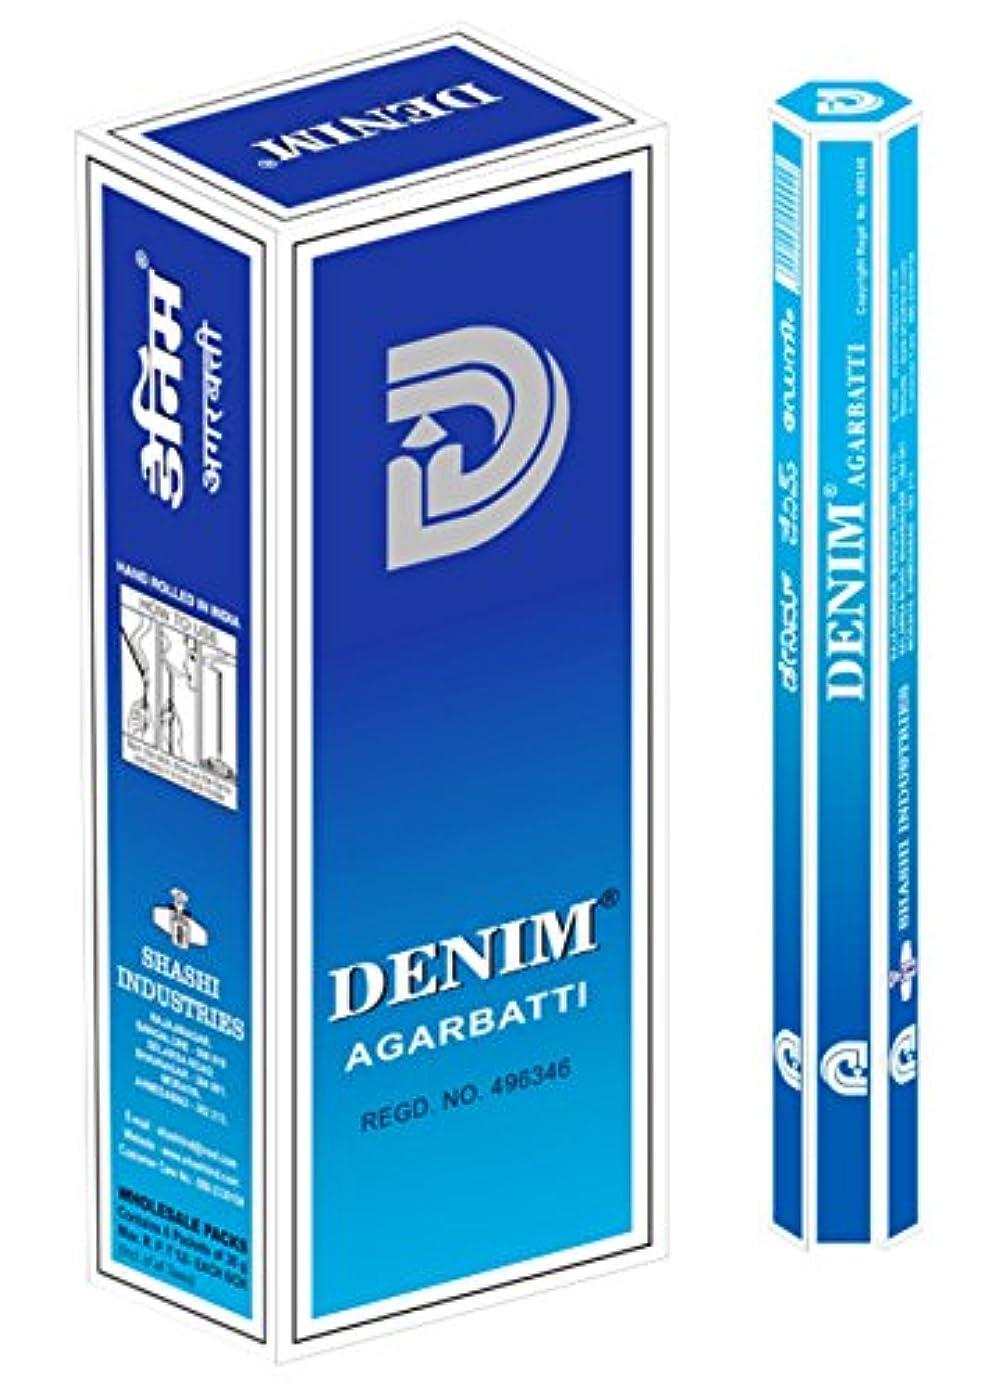 機会顕著運賃SHASHI社 スティック型インドお香 DENIM 6箱セット